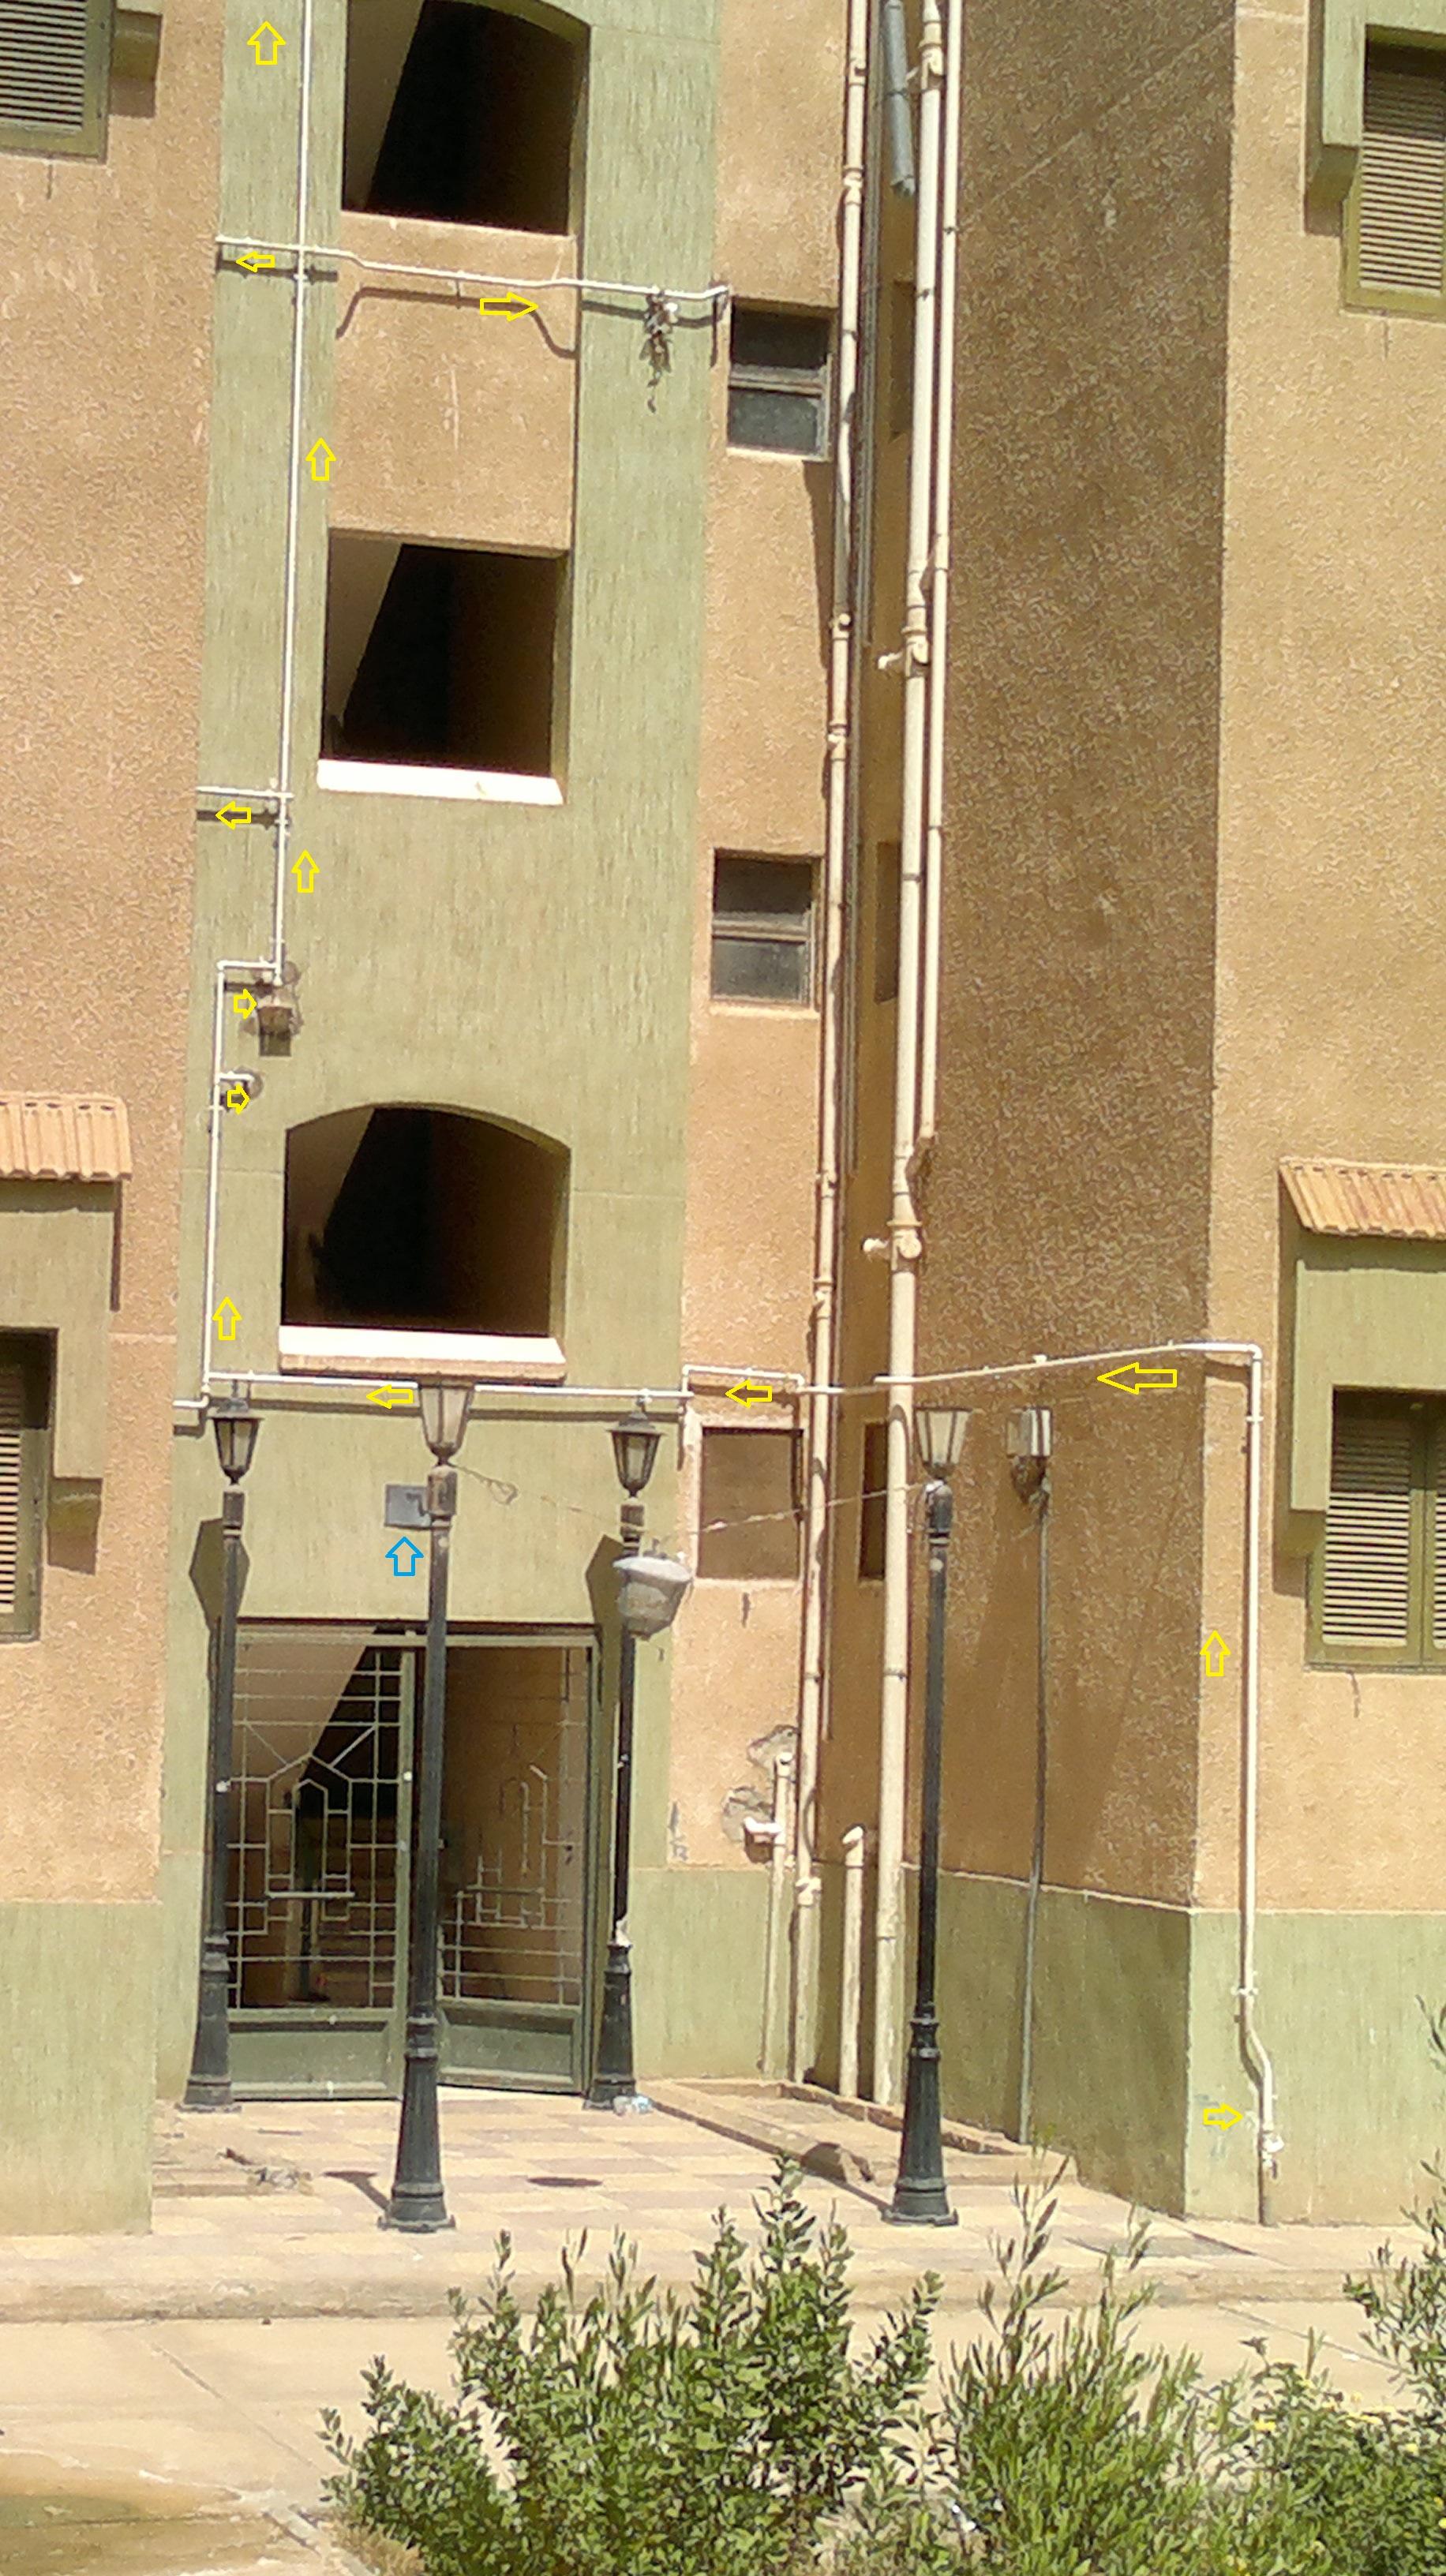 عمارات بنك الإسكان والتعمير موصل إليها الغاز الطبيعي